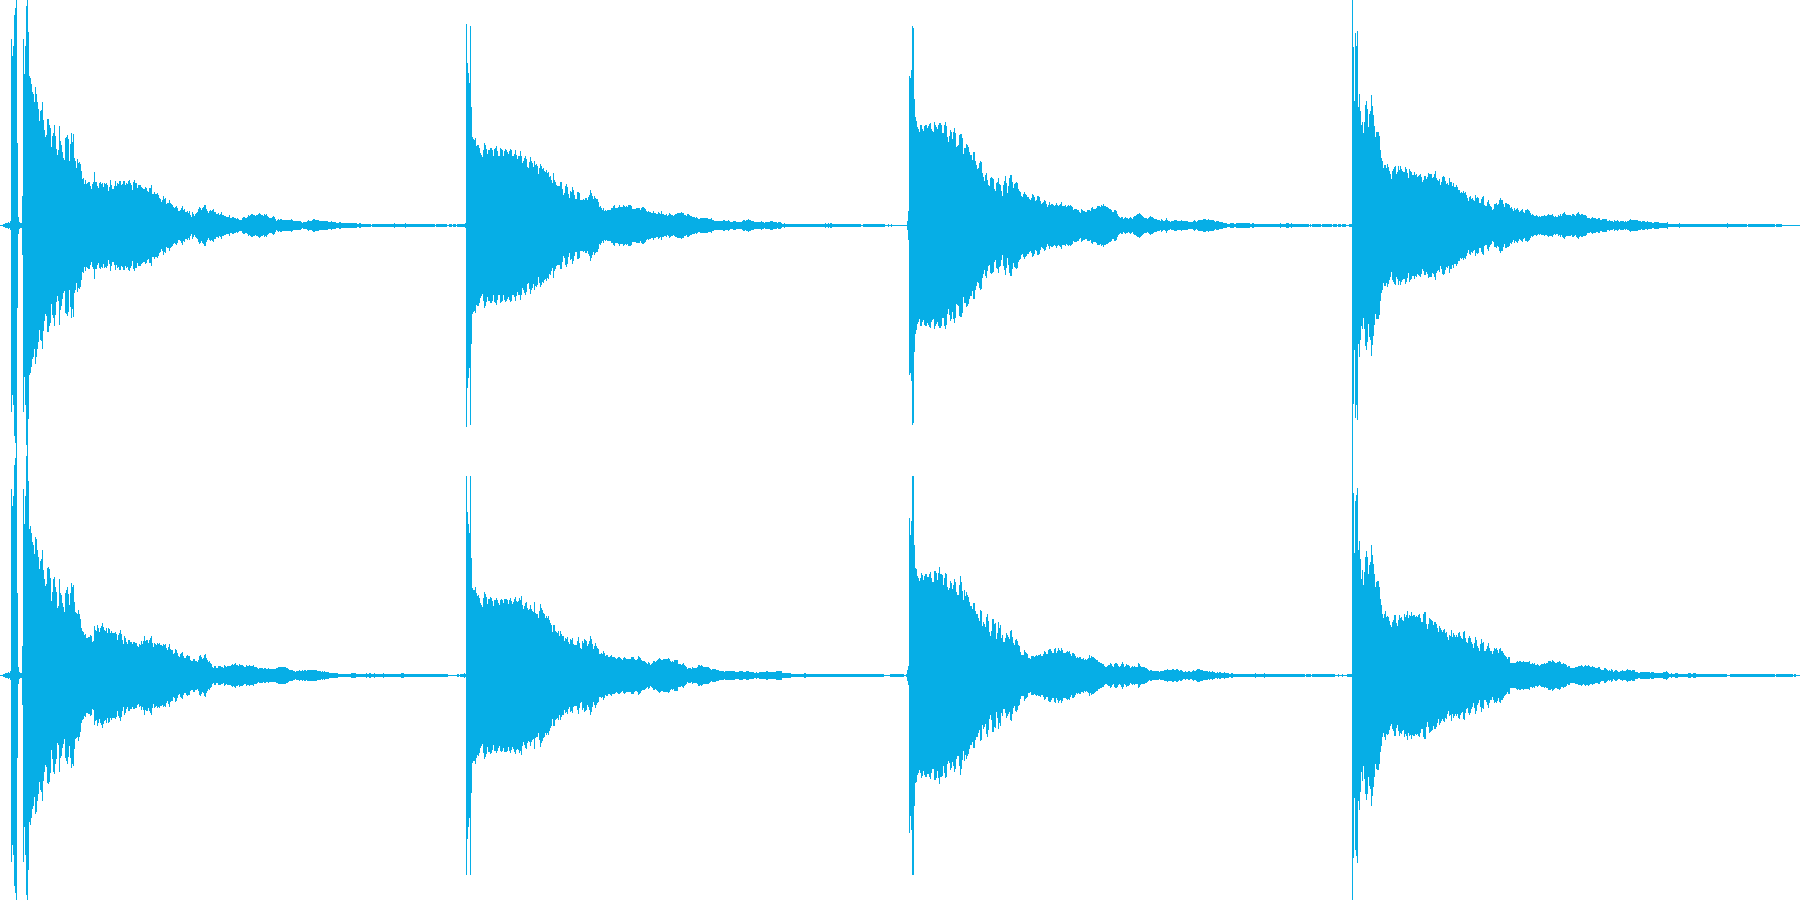 ブーン_船や機内でのトラブル系の音の再生済みの波形